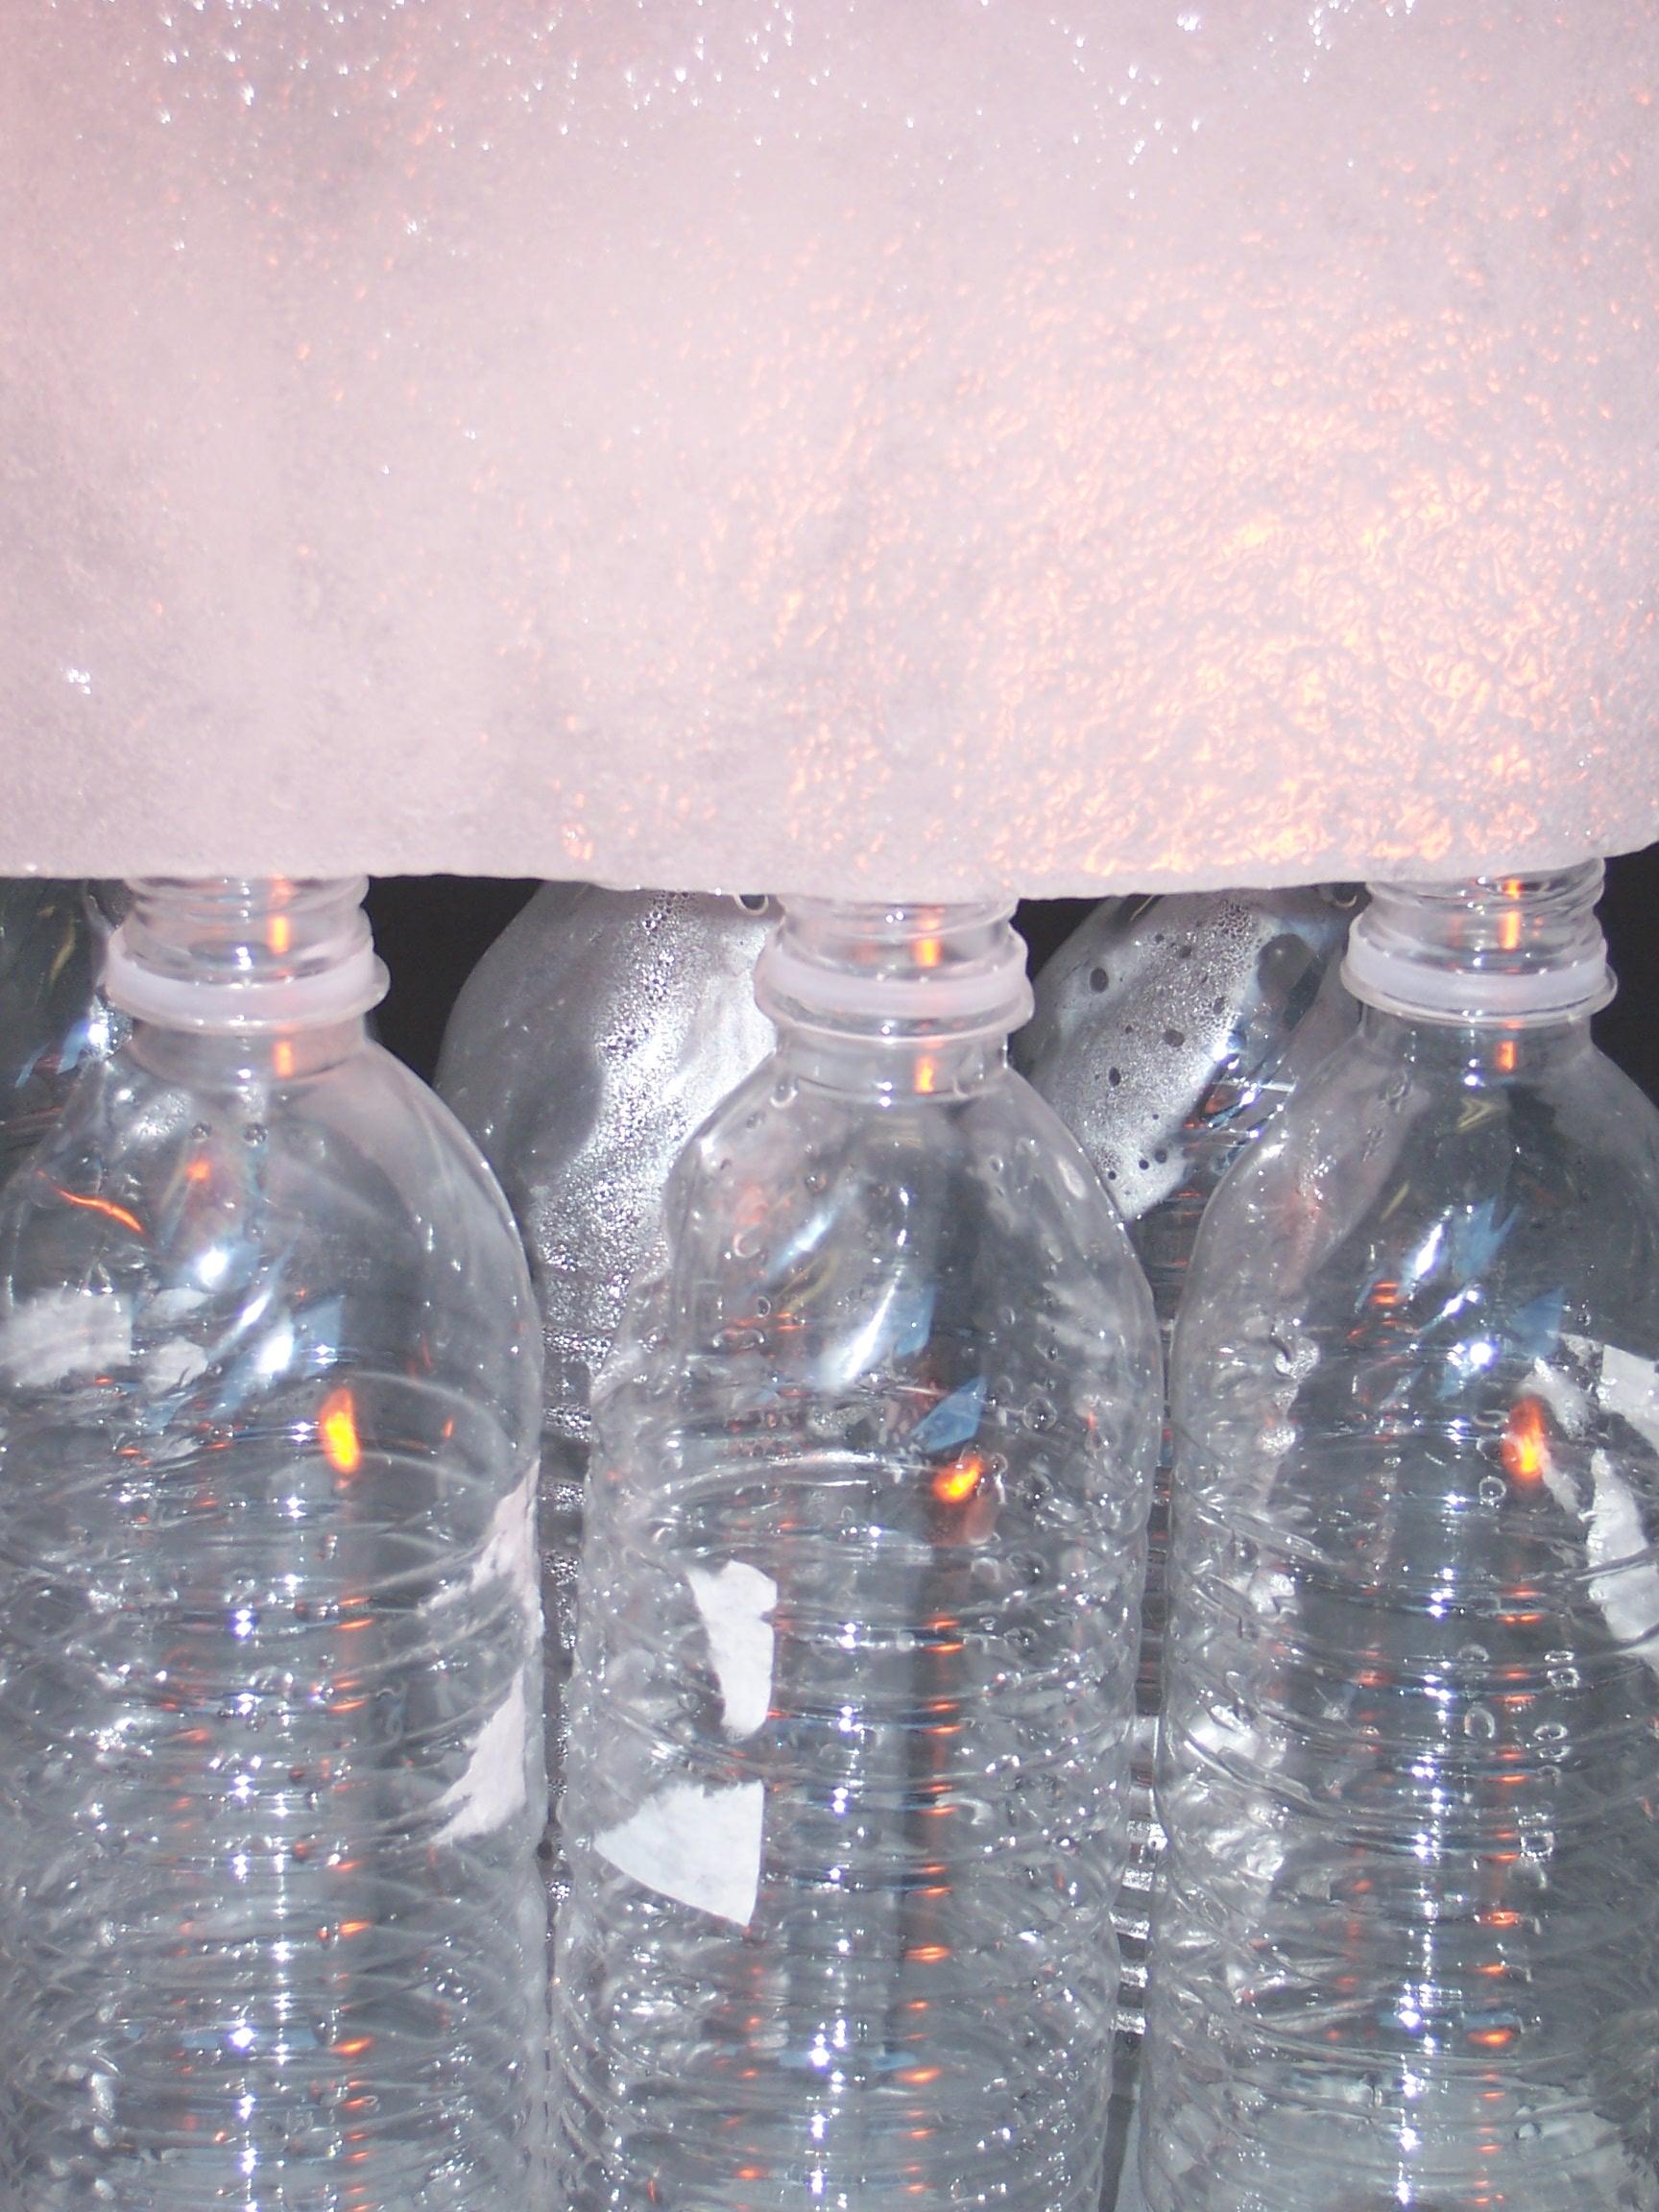 Ice on bottles prototype (17).JPG